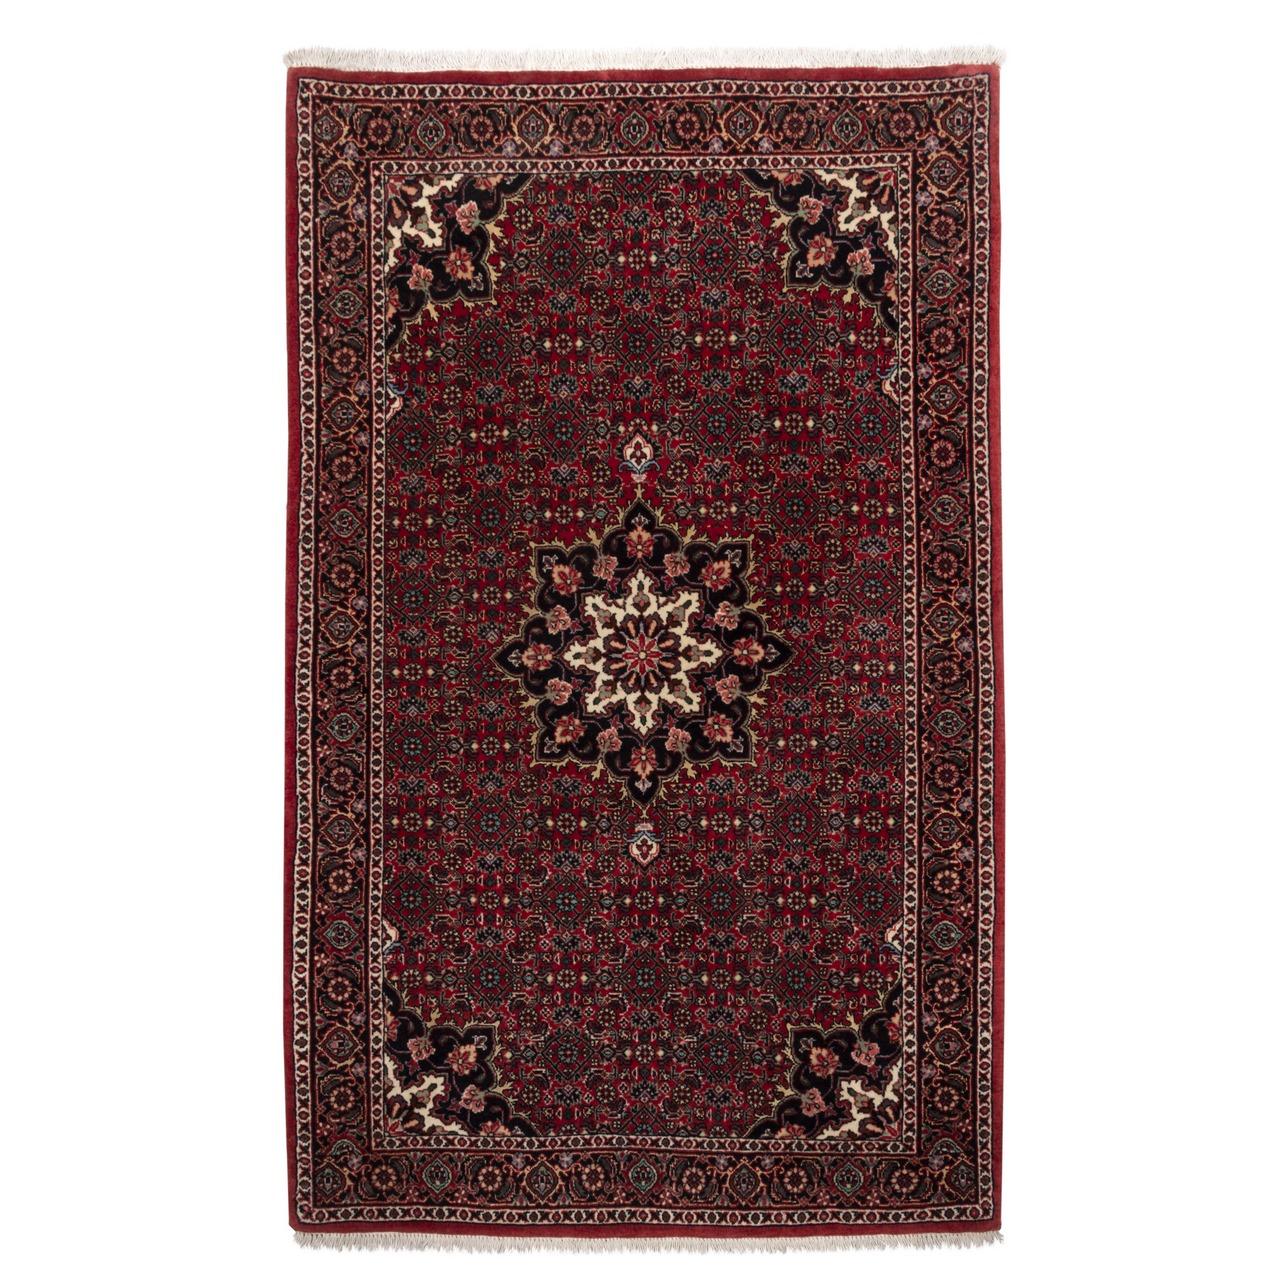 فرش دستباف یک متری سی پرشیا کد 187052